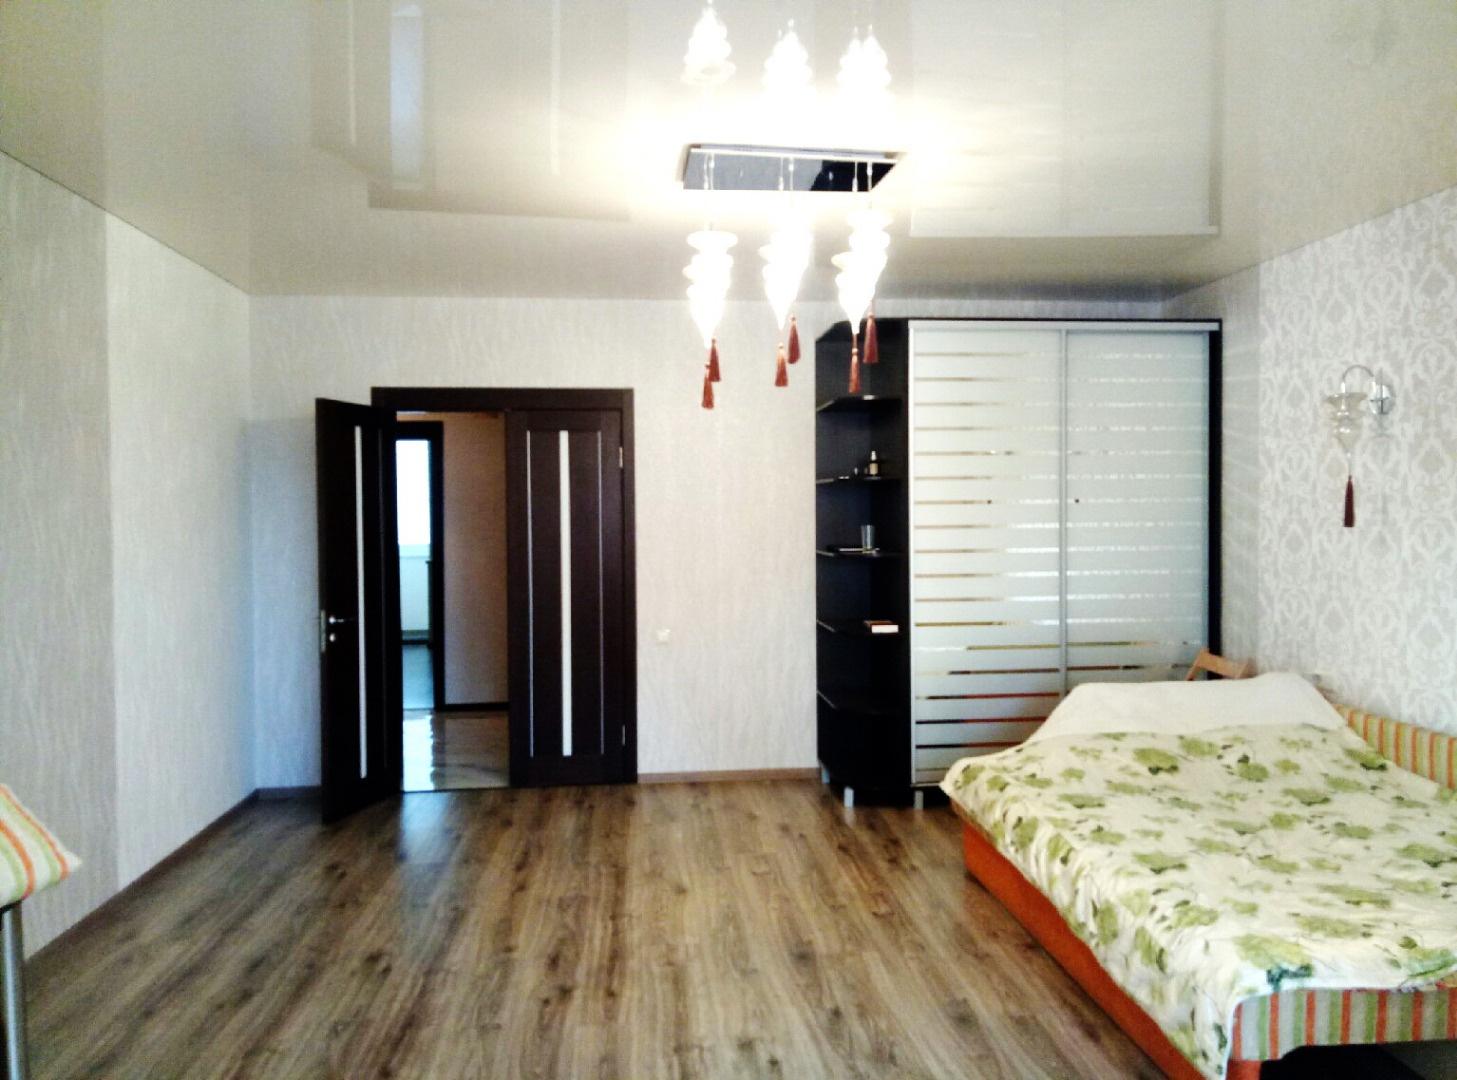 Продается 3-комнатная квартира на ул. Марсельская — 89 000 у.е. (фото №4)